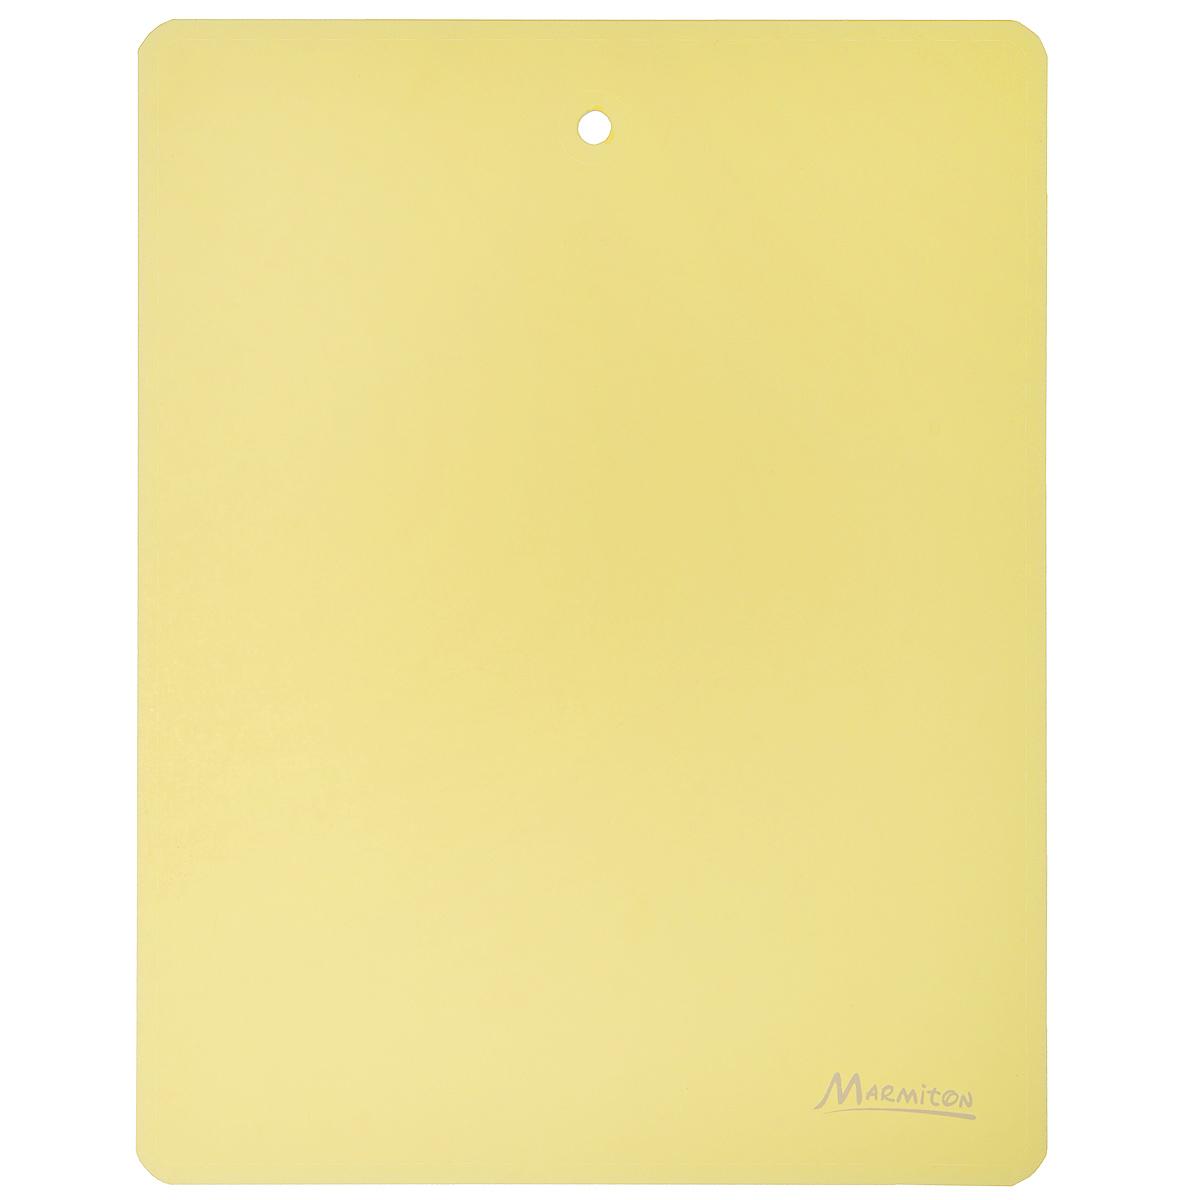 Доска разделочная Marmiton, гибкая, цвет: желтый, 28 см х 22 см17025_желтыйГибкая разделочная доска Marmiton прекрасно подходит для разделки всех видовпищевых продуктов. Изготовлена из гибкого одноцветного полипропилена (пластика) дляудобствапереноски и высыпания. Изделие оснащено отверстием для подвешивания на крючок.Можно мыть в посудомоечной машине.